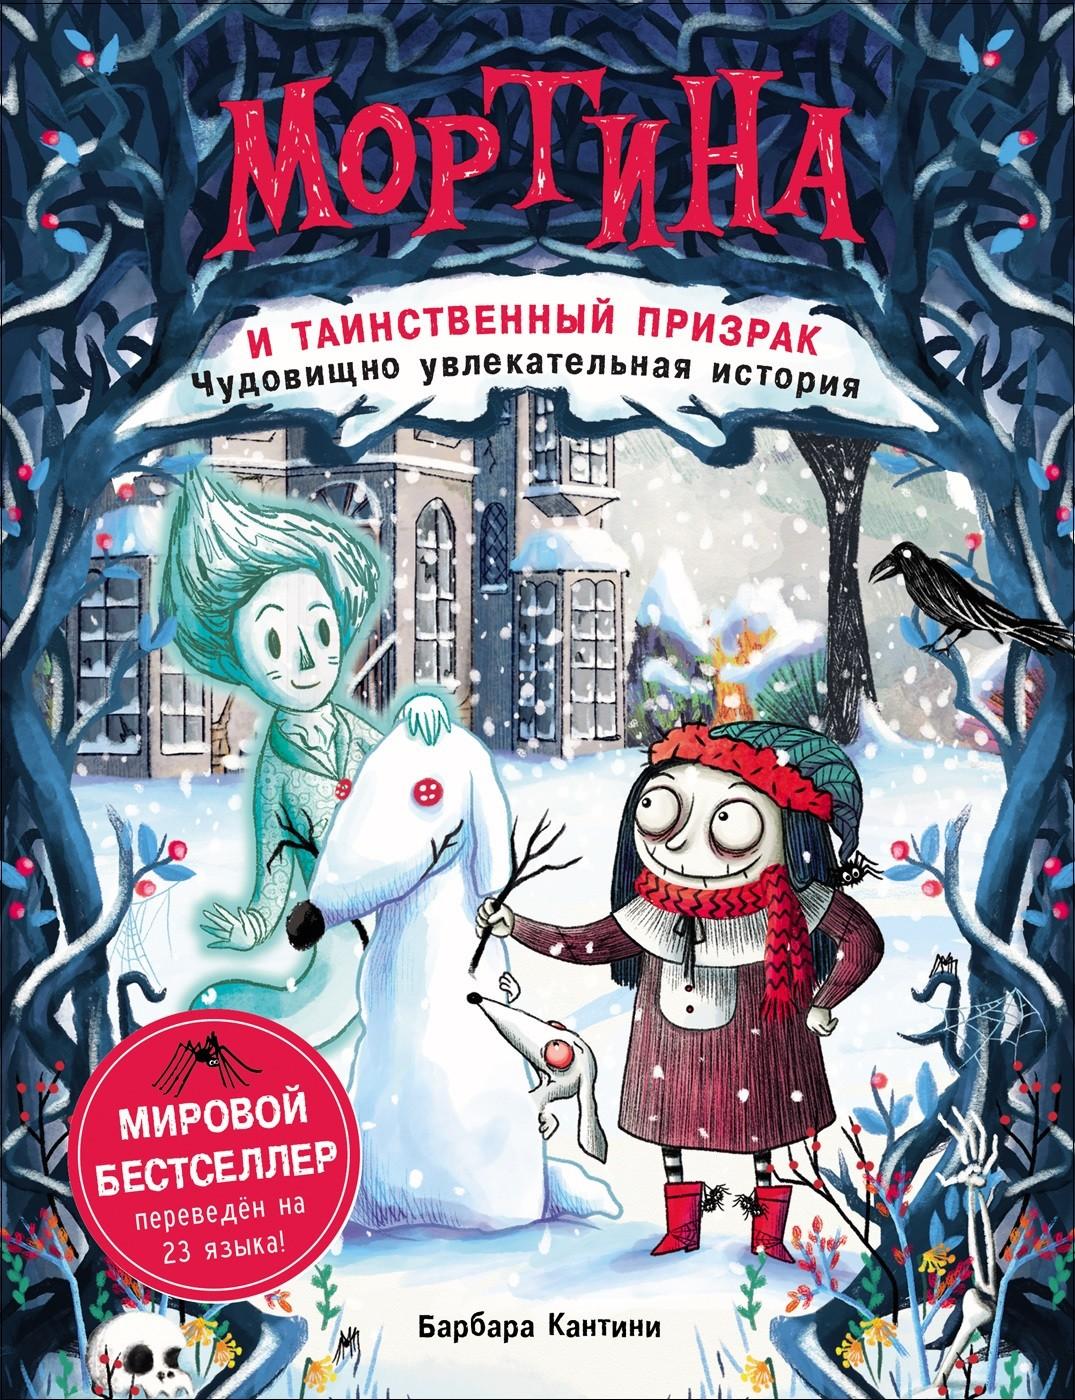 Мортина и таинственный призрак: Чудовищно увлекательная итсория